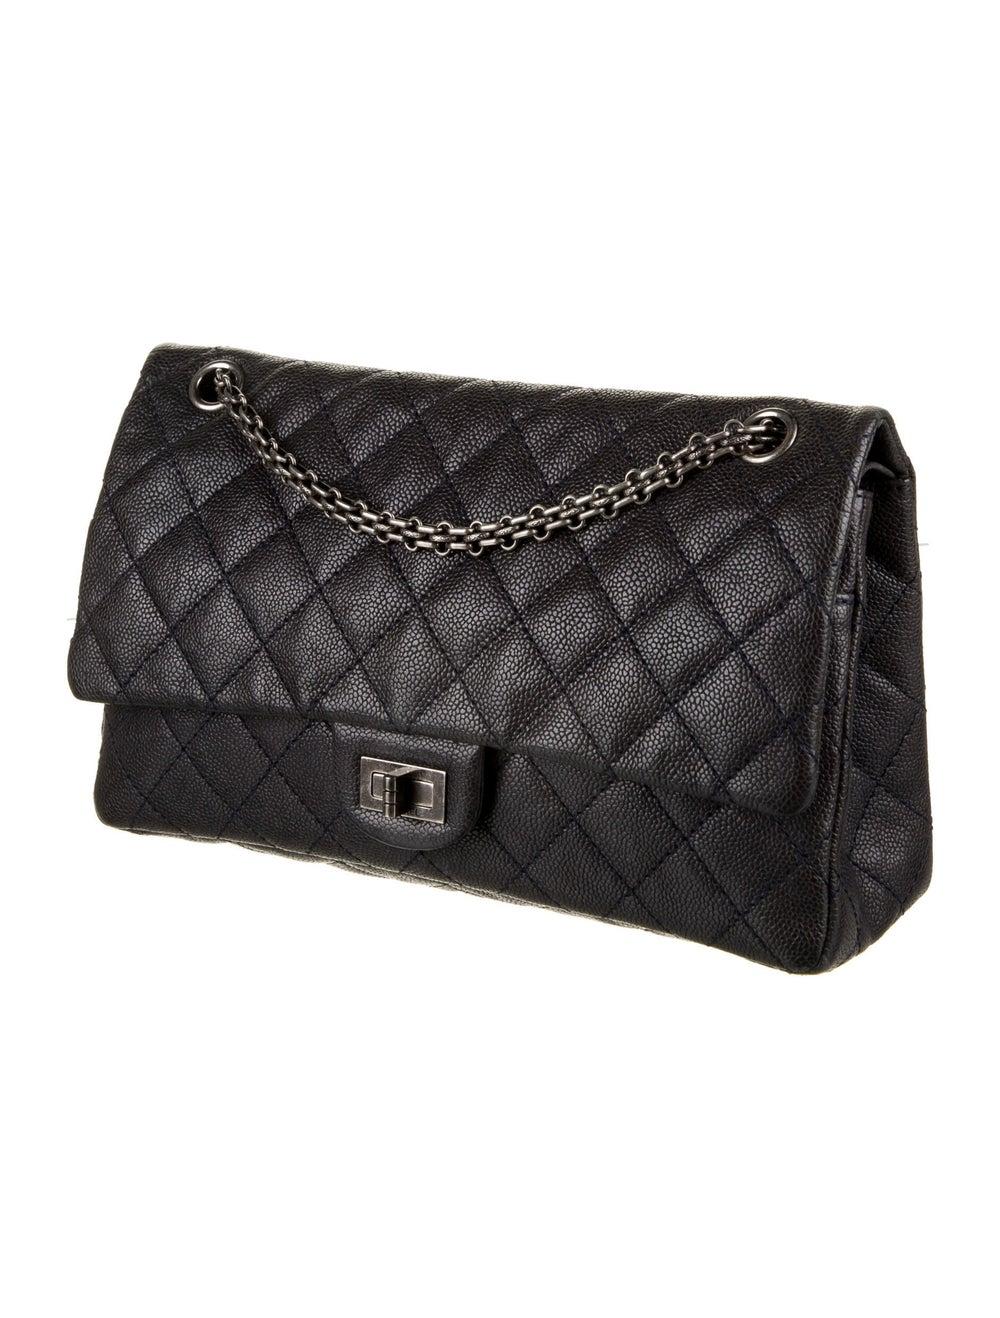 Chanel Vintage Reissue 226 Double Flap Bag Blue - image 3